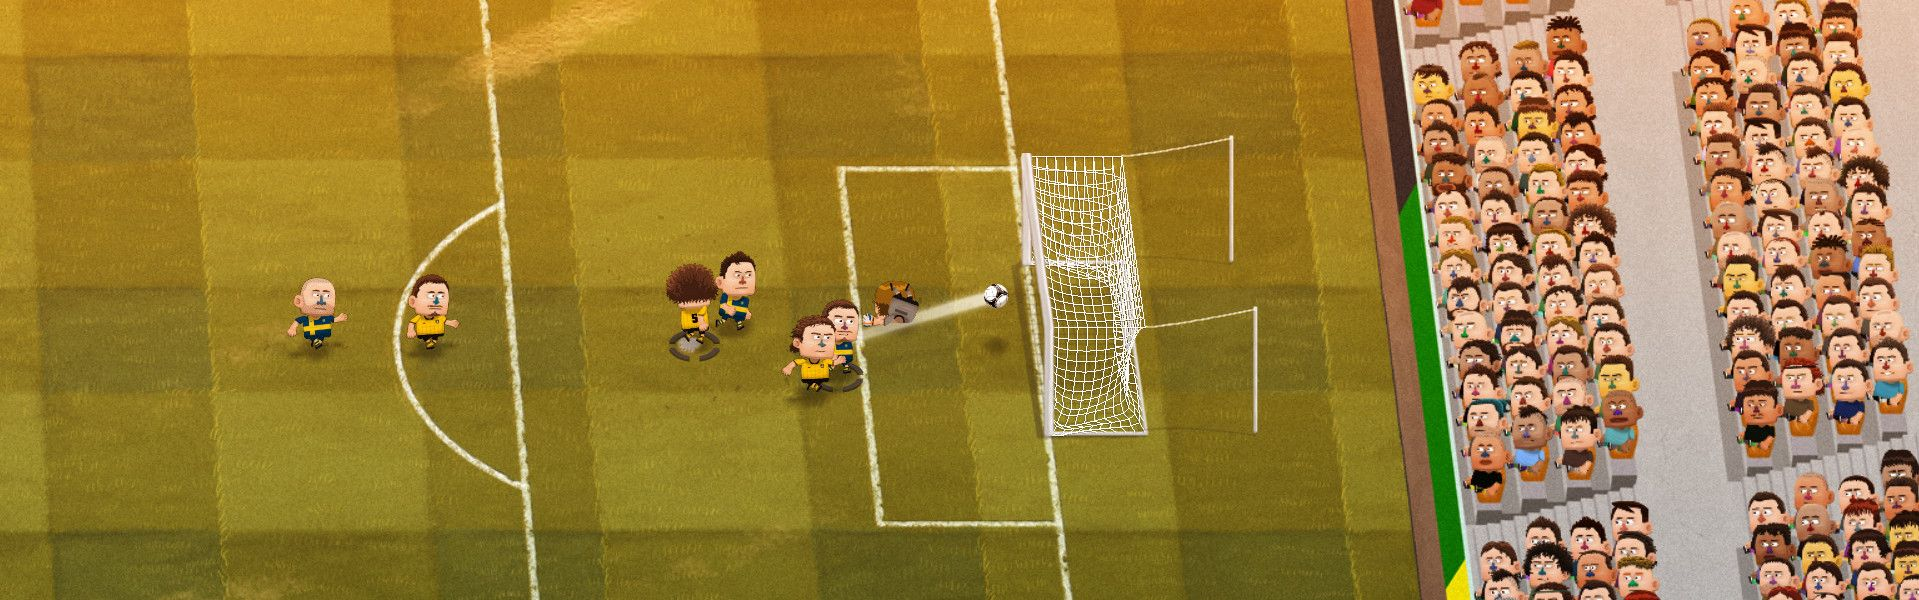 Kopanito All-Stars Soccer Steam Key GLOBAL